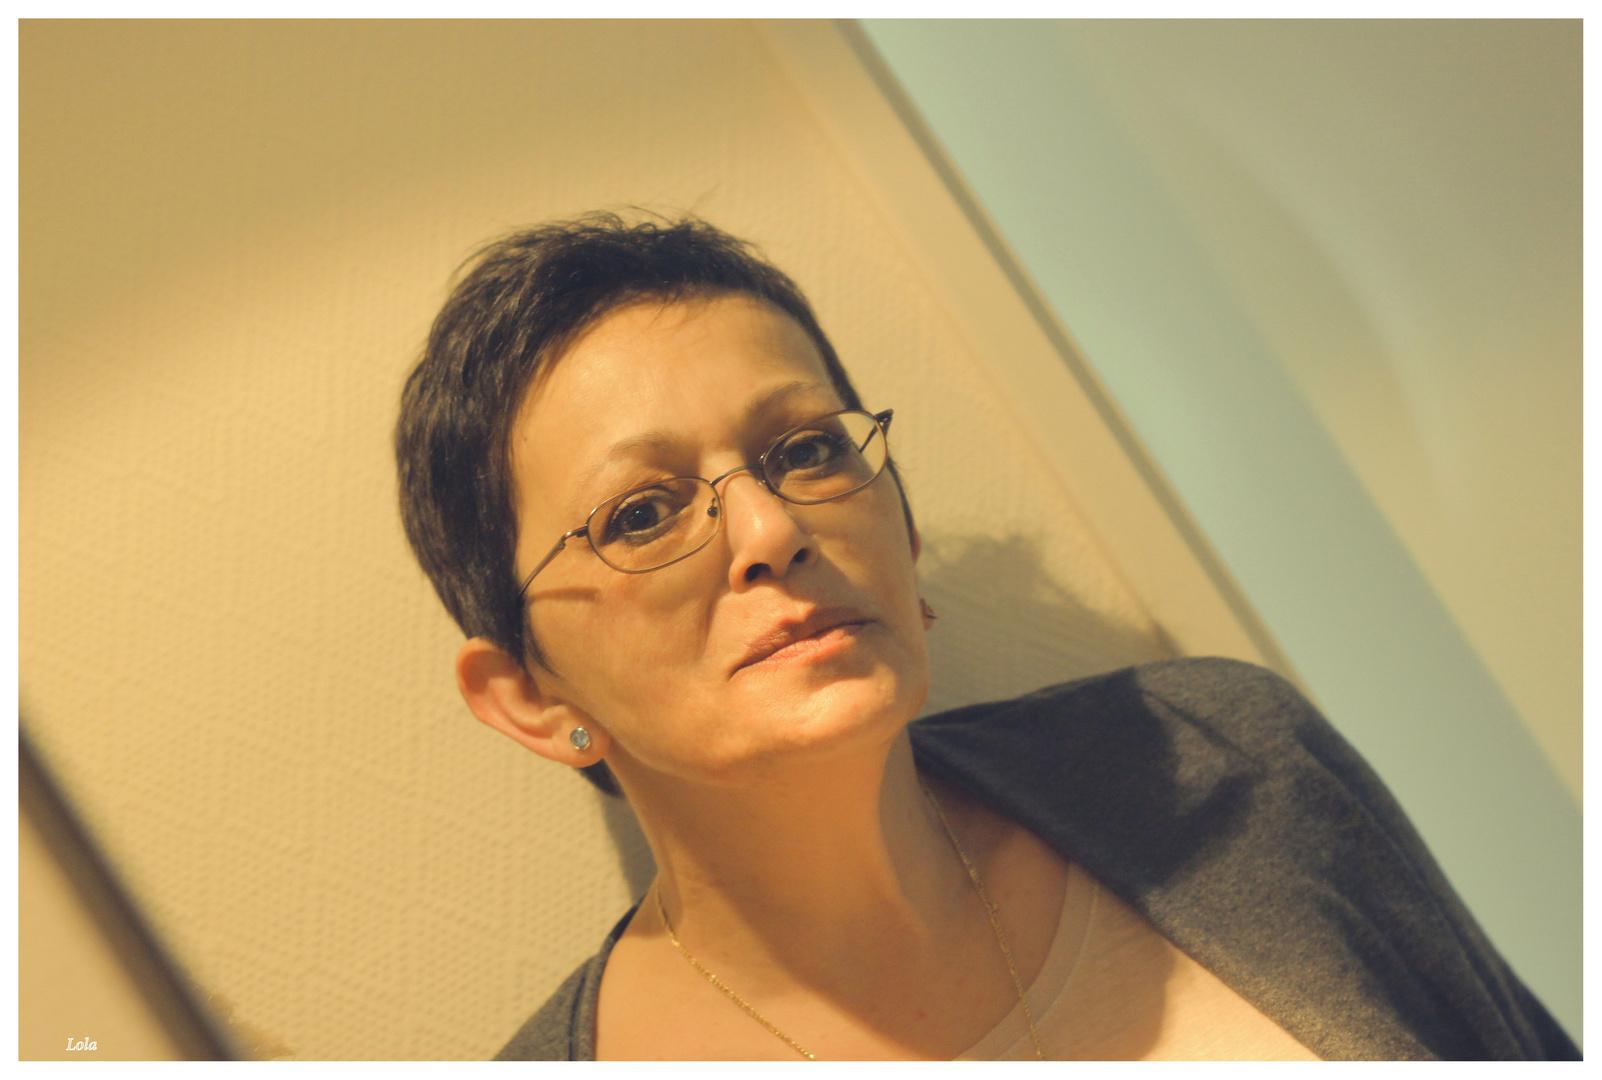 ...mi amiga Teresa...